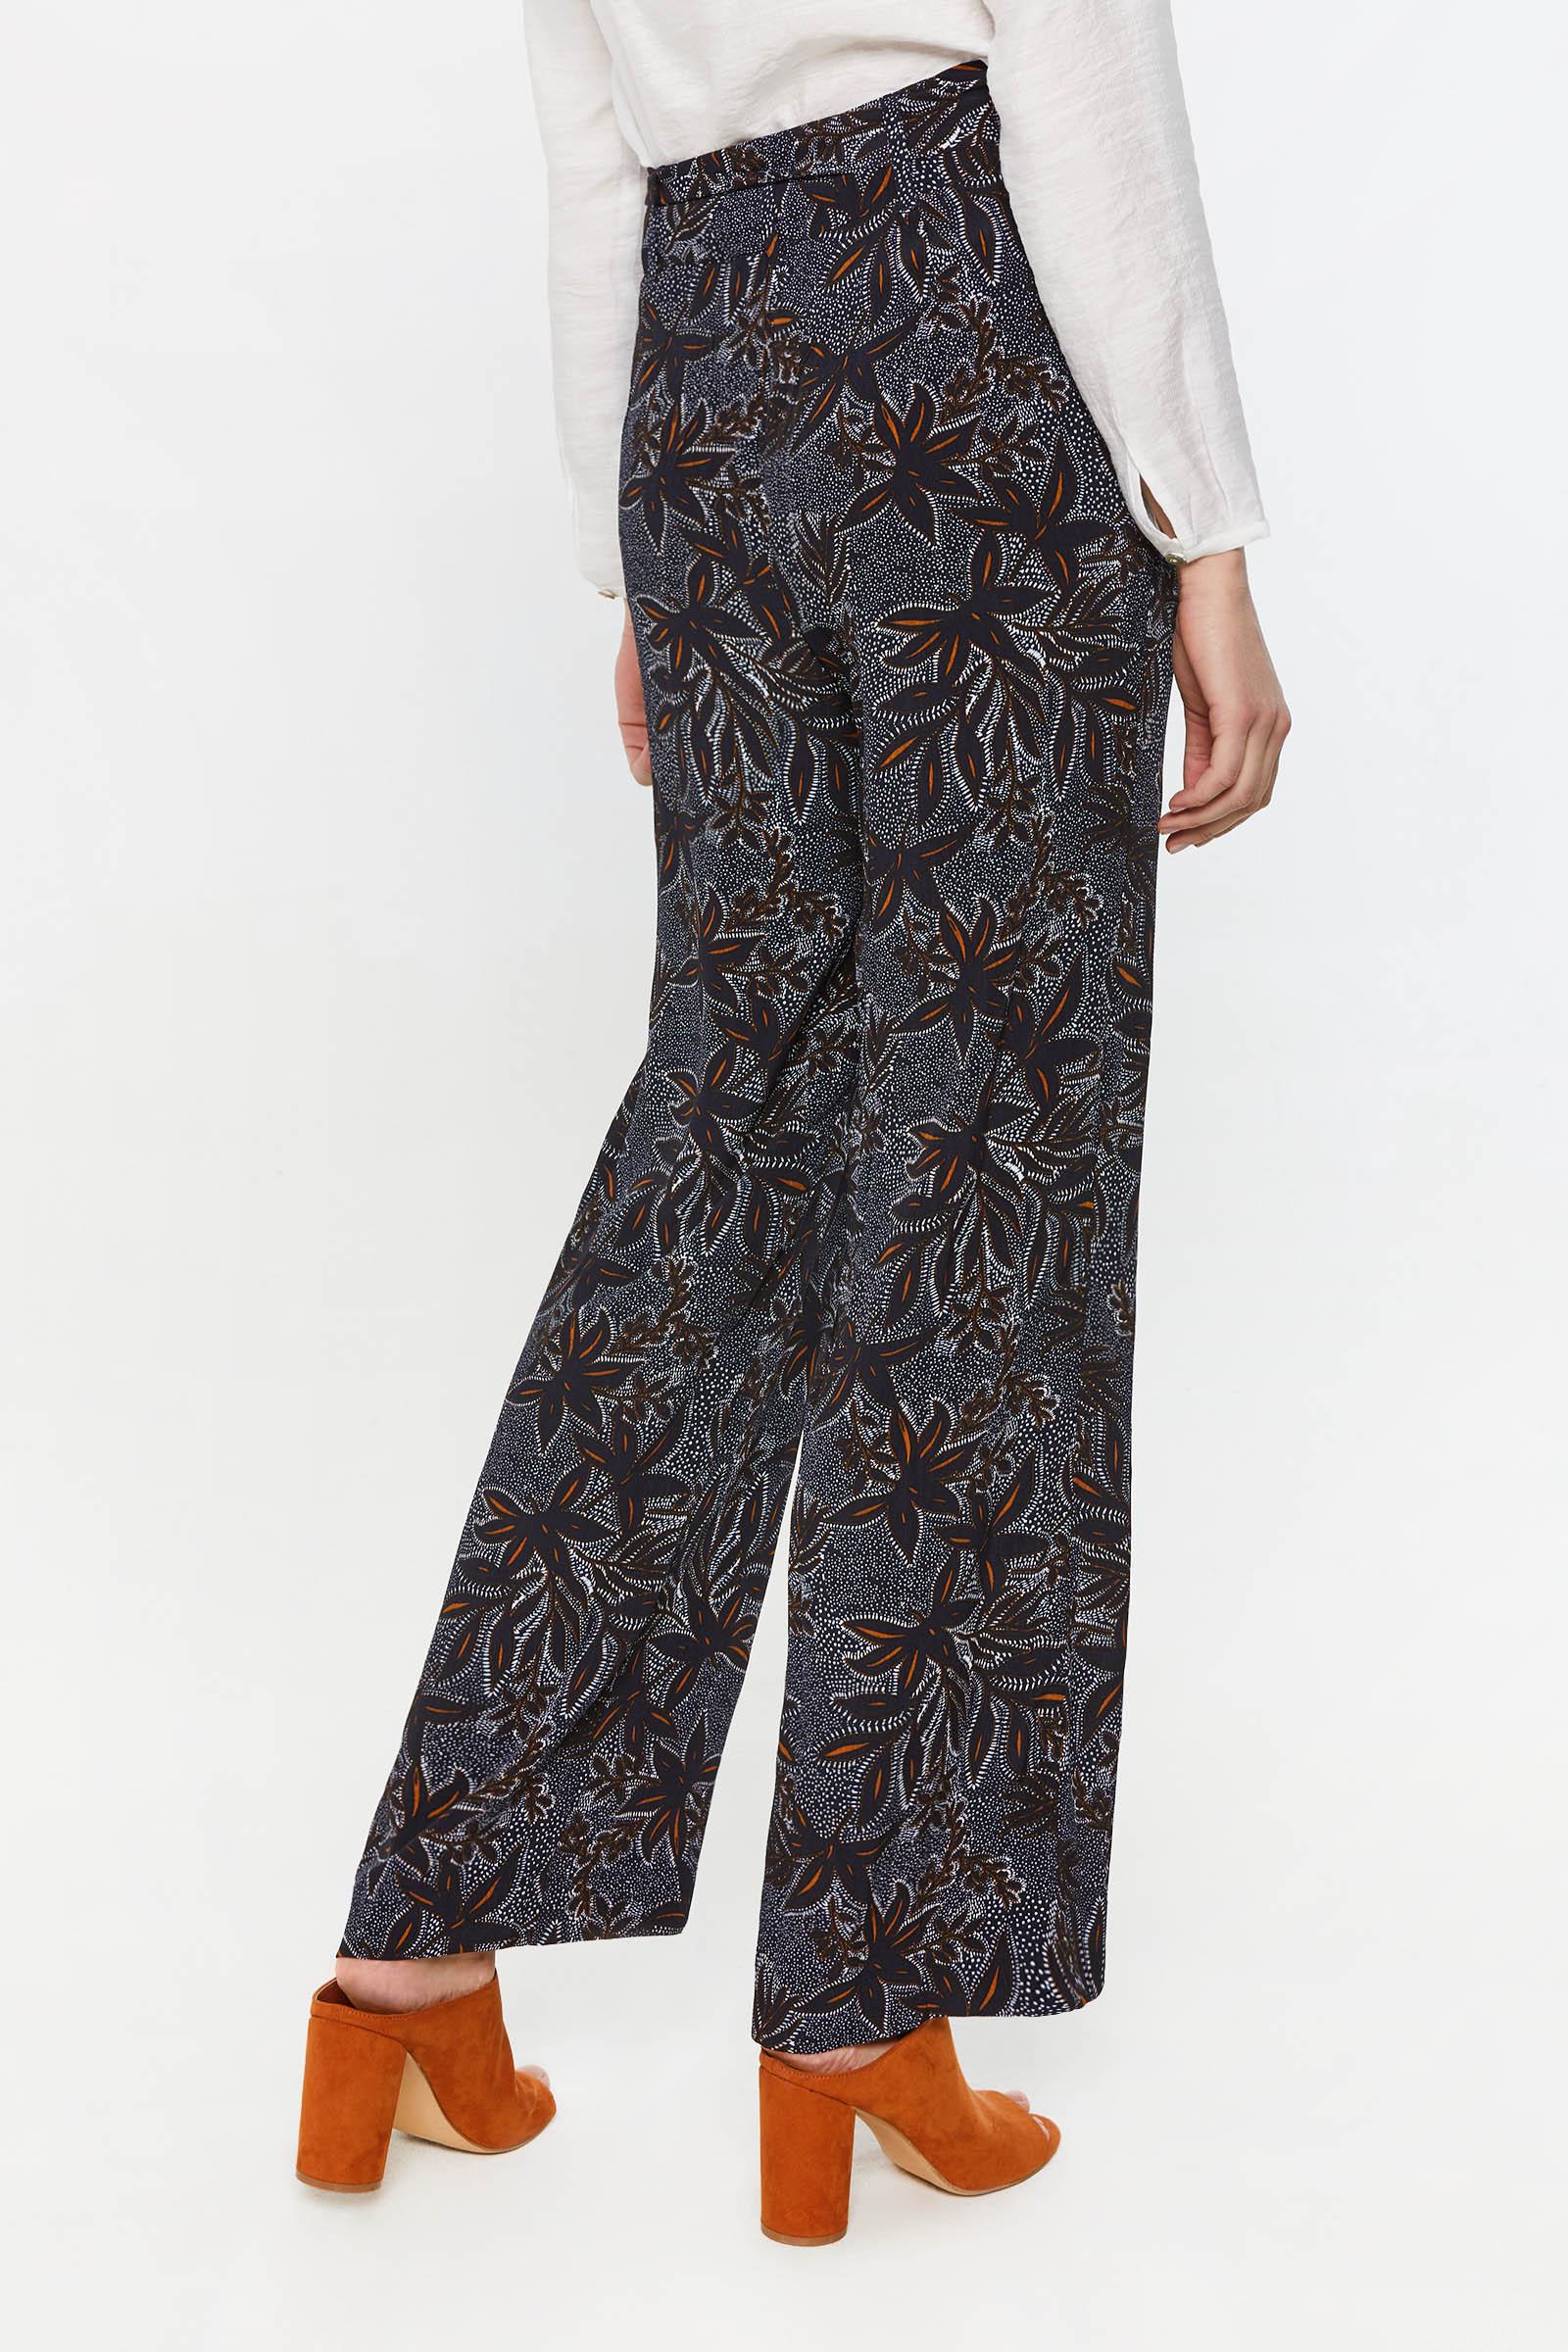 Dames high waist broek met dessin | 95149066 WE Fashion